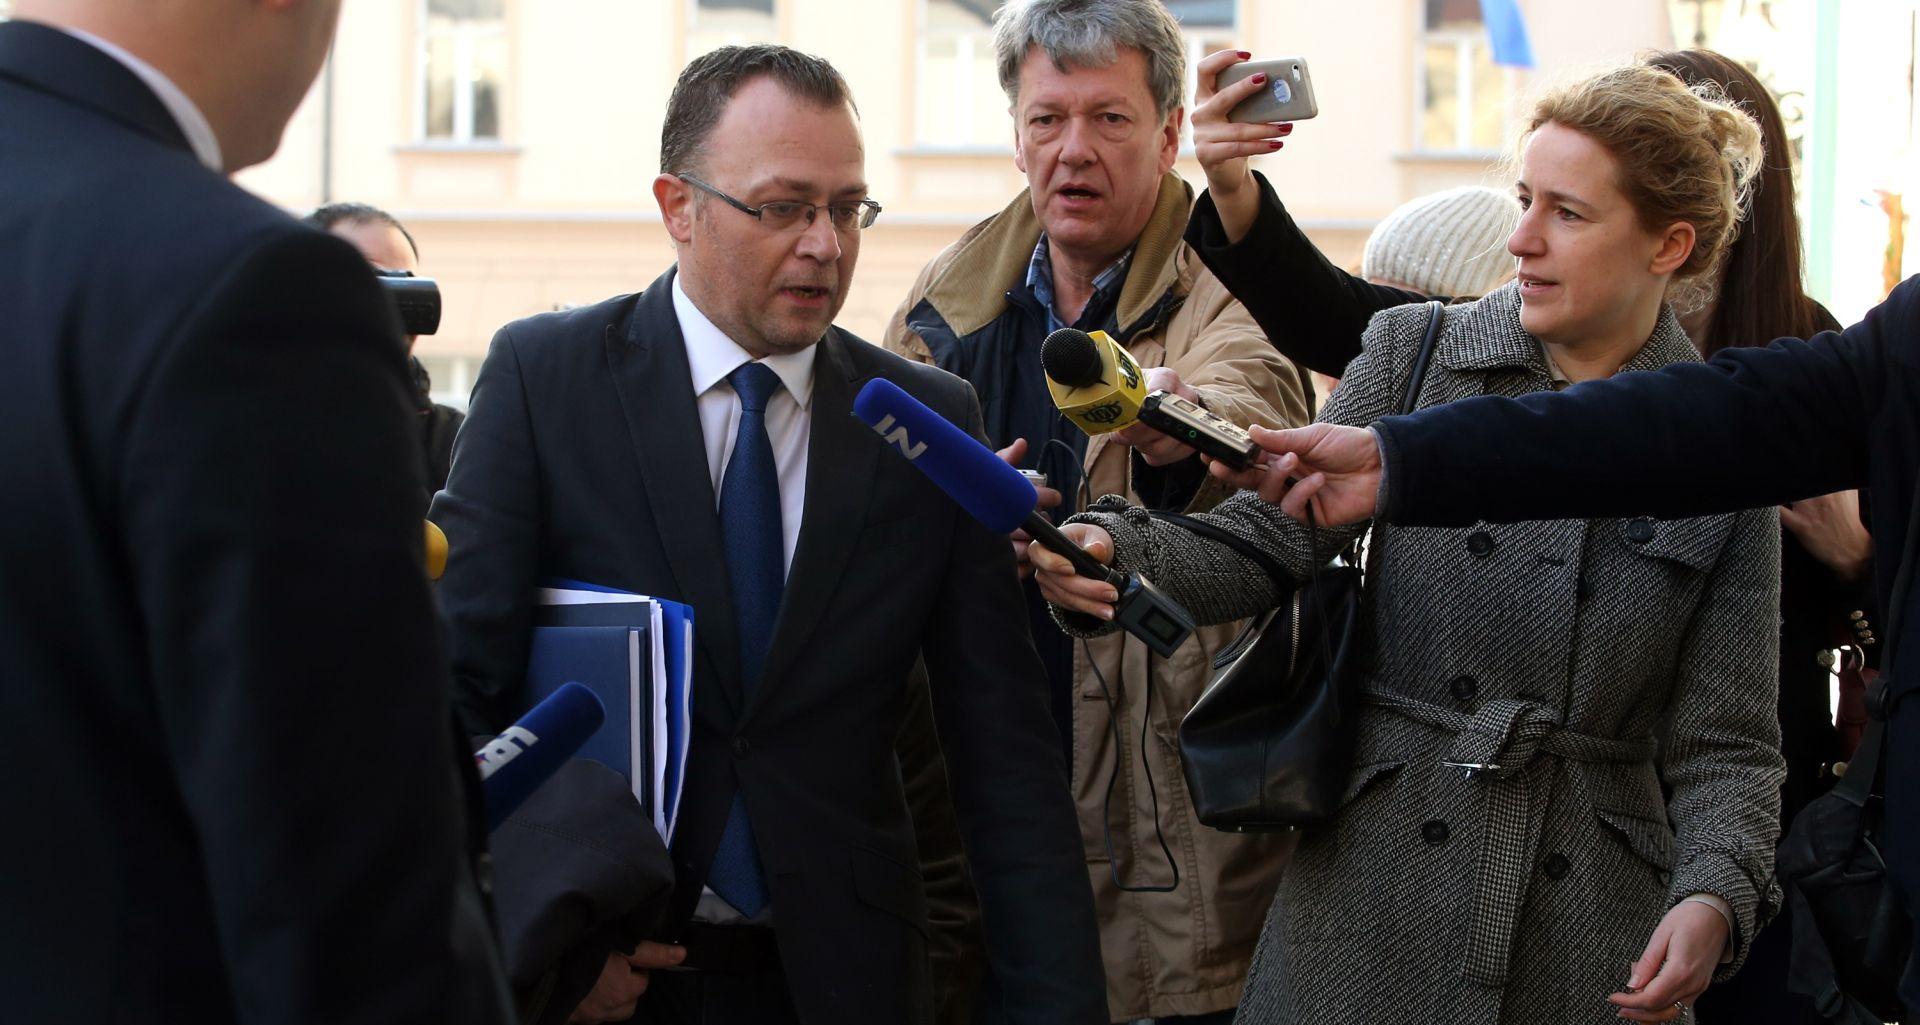 Ministarstvo kulture: Ministar razriješio članove povjerenstva za neprofitne medije u skladu s ovlastima